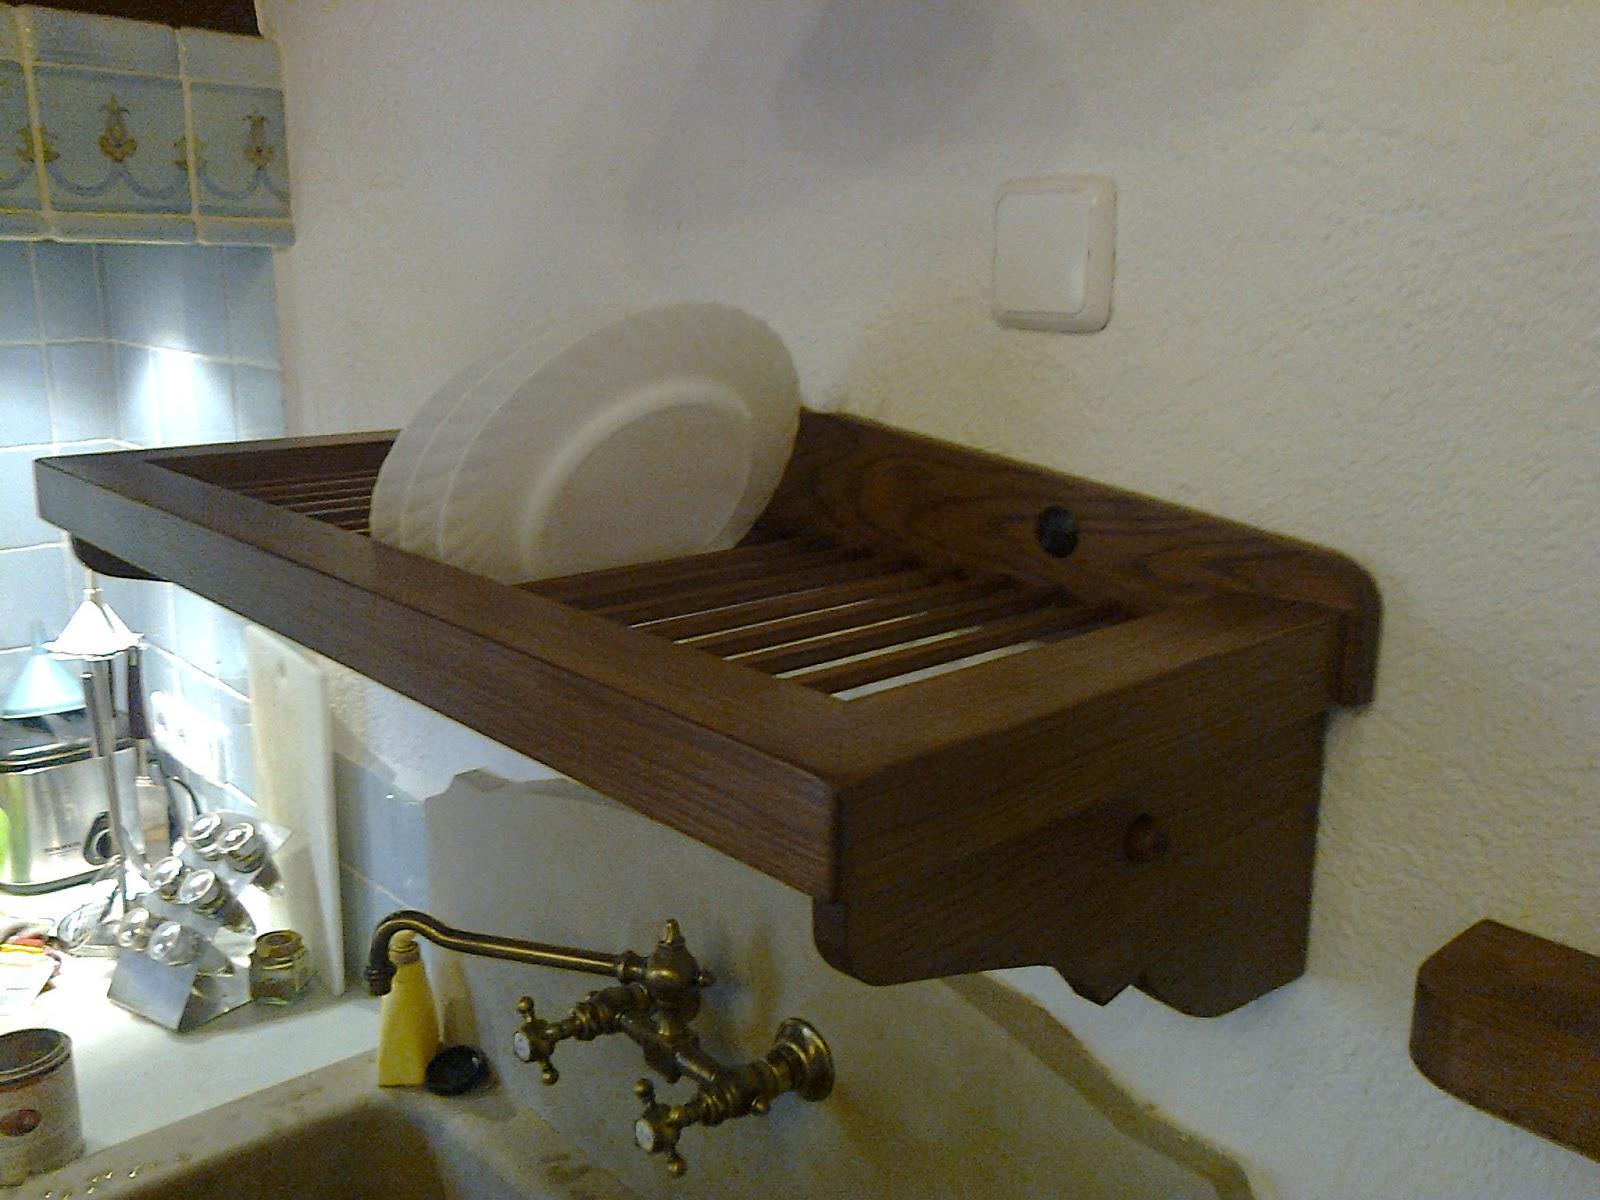 Mi las mobles mobles de cuina r stics mobles a mida mobles r stics - Mobles vintage barcelona ...